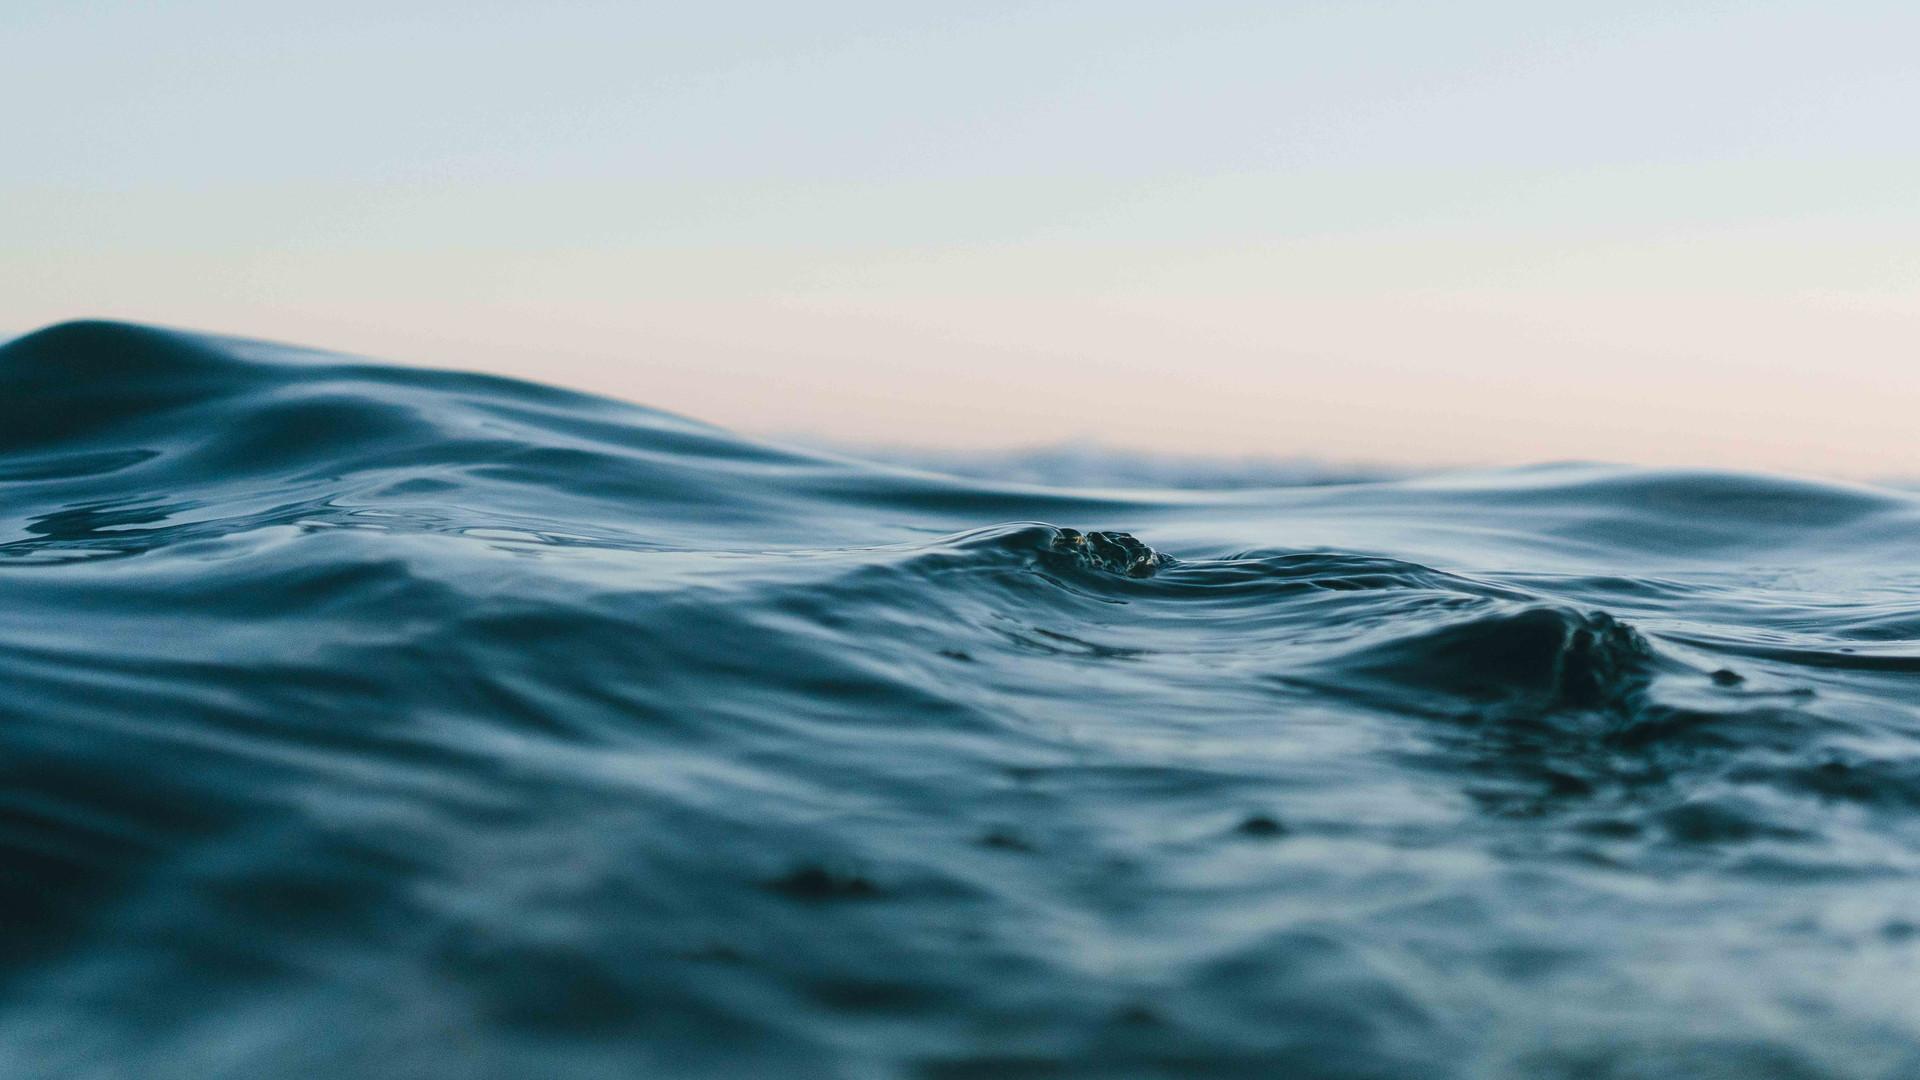 matt-hardy-ocean_lowres.jpg